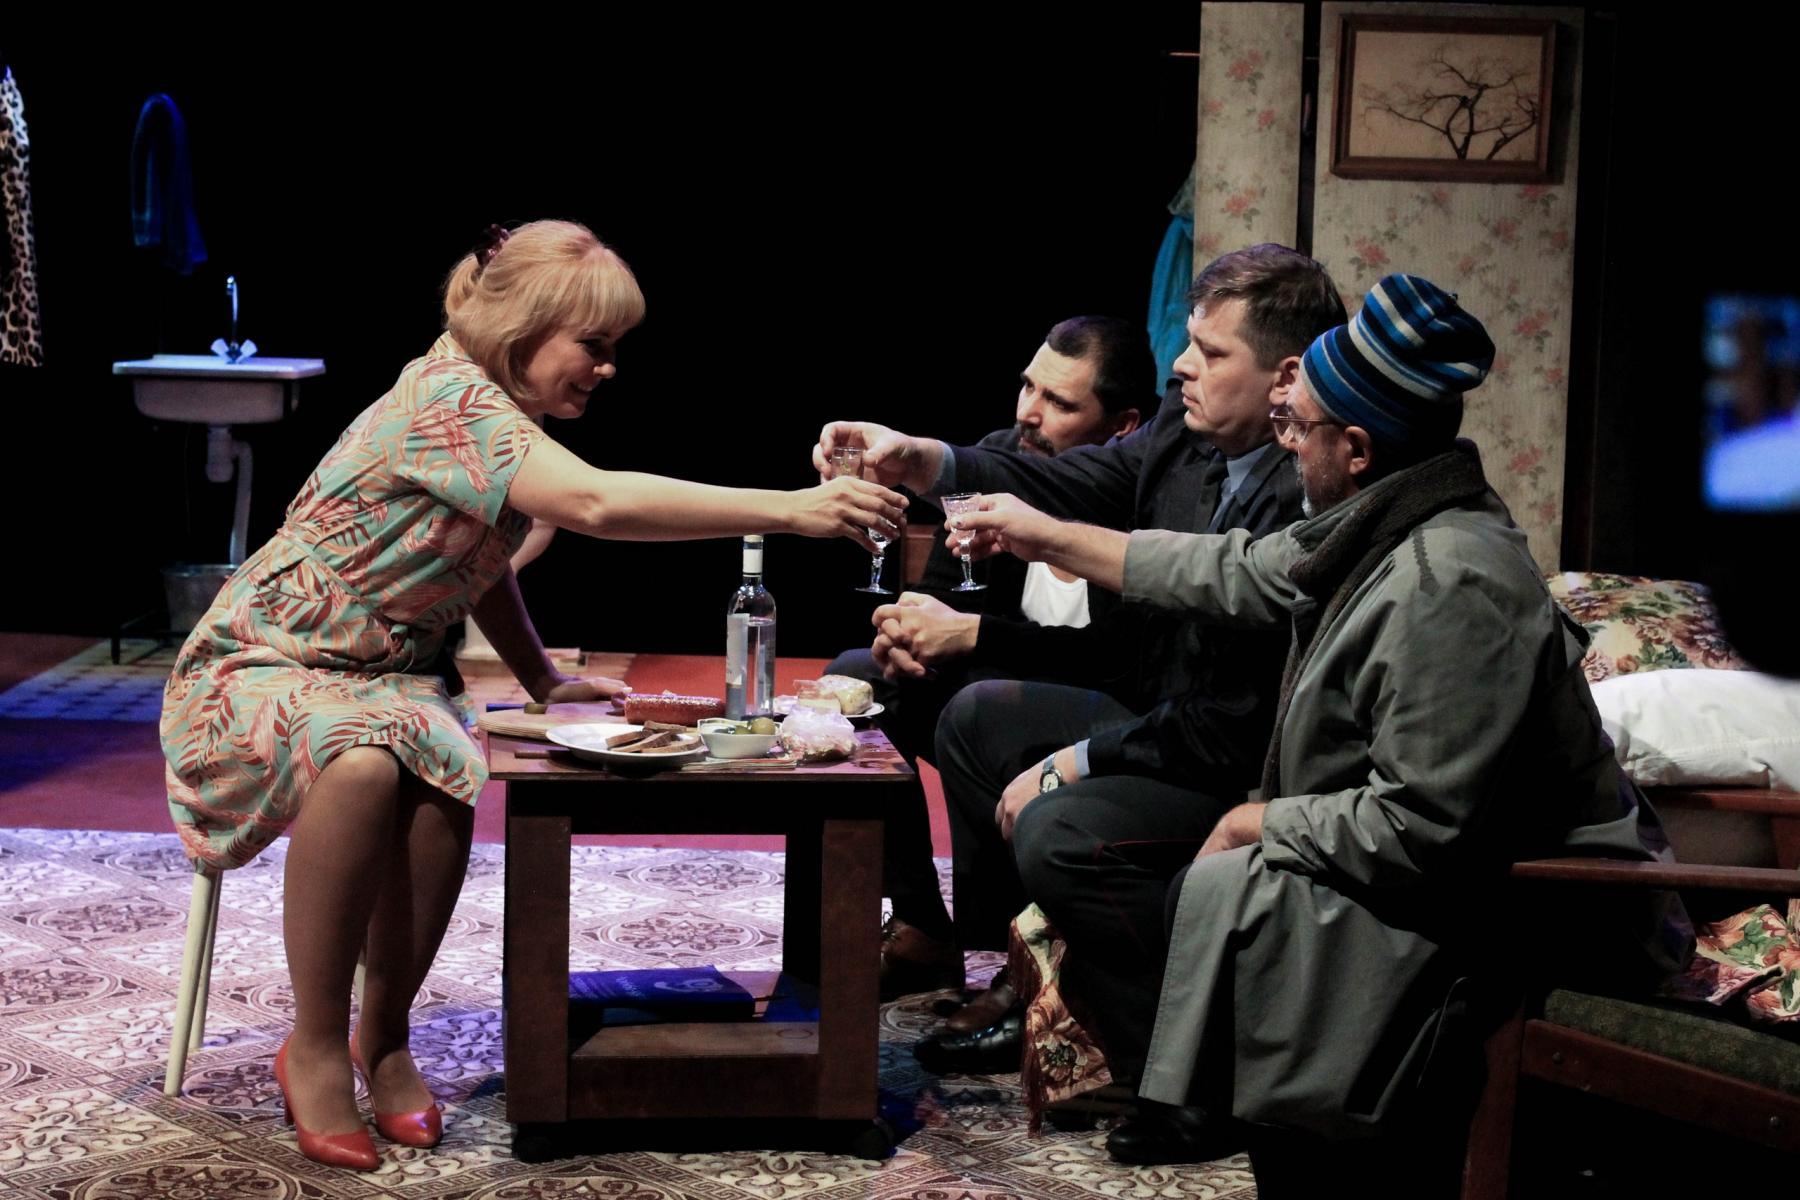 Фото Гудбай, Америка: в новосибирском «Красном факеле» показали спектакль о любви в коммунальной квартире 8